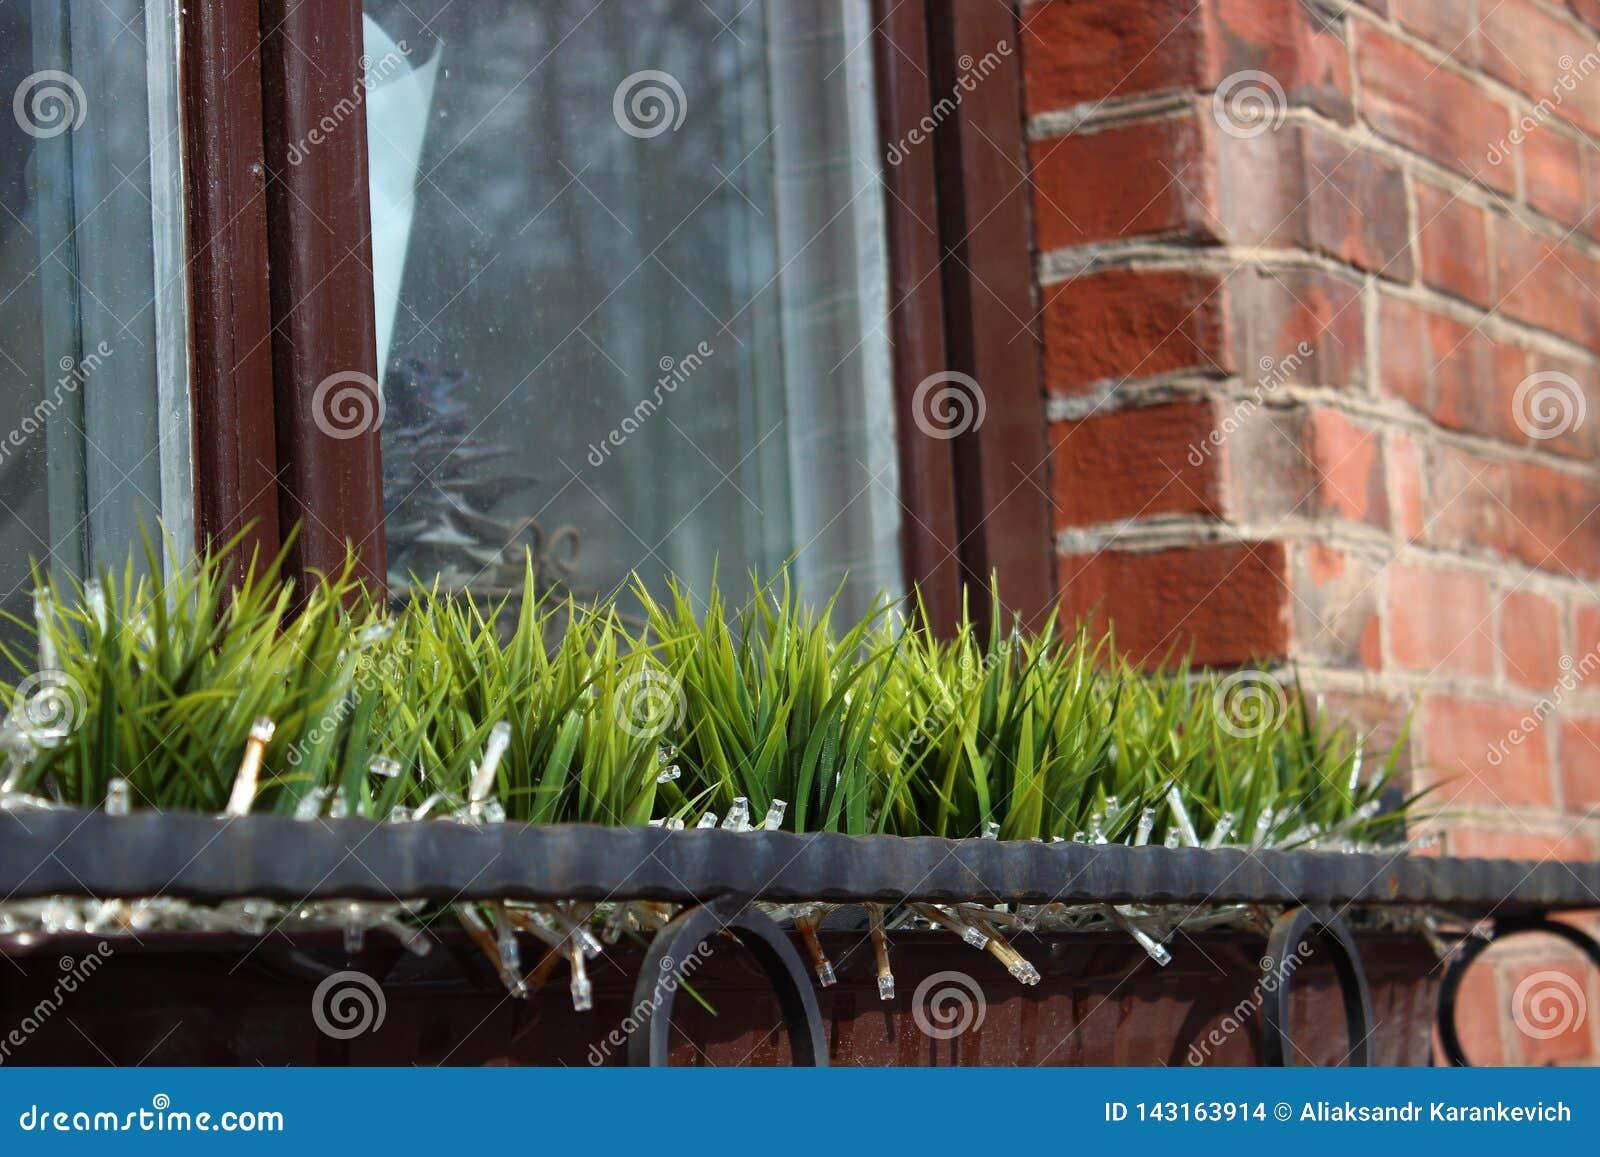 Η πρώτη βλάστηση μετά από το χειμώνα, διακόσμηση παραθύρων χλόη σε ένα βάζο ενάντια σε ένα παράθυρο και έναν τουβλότοιχο Μερική ε